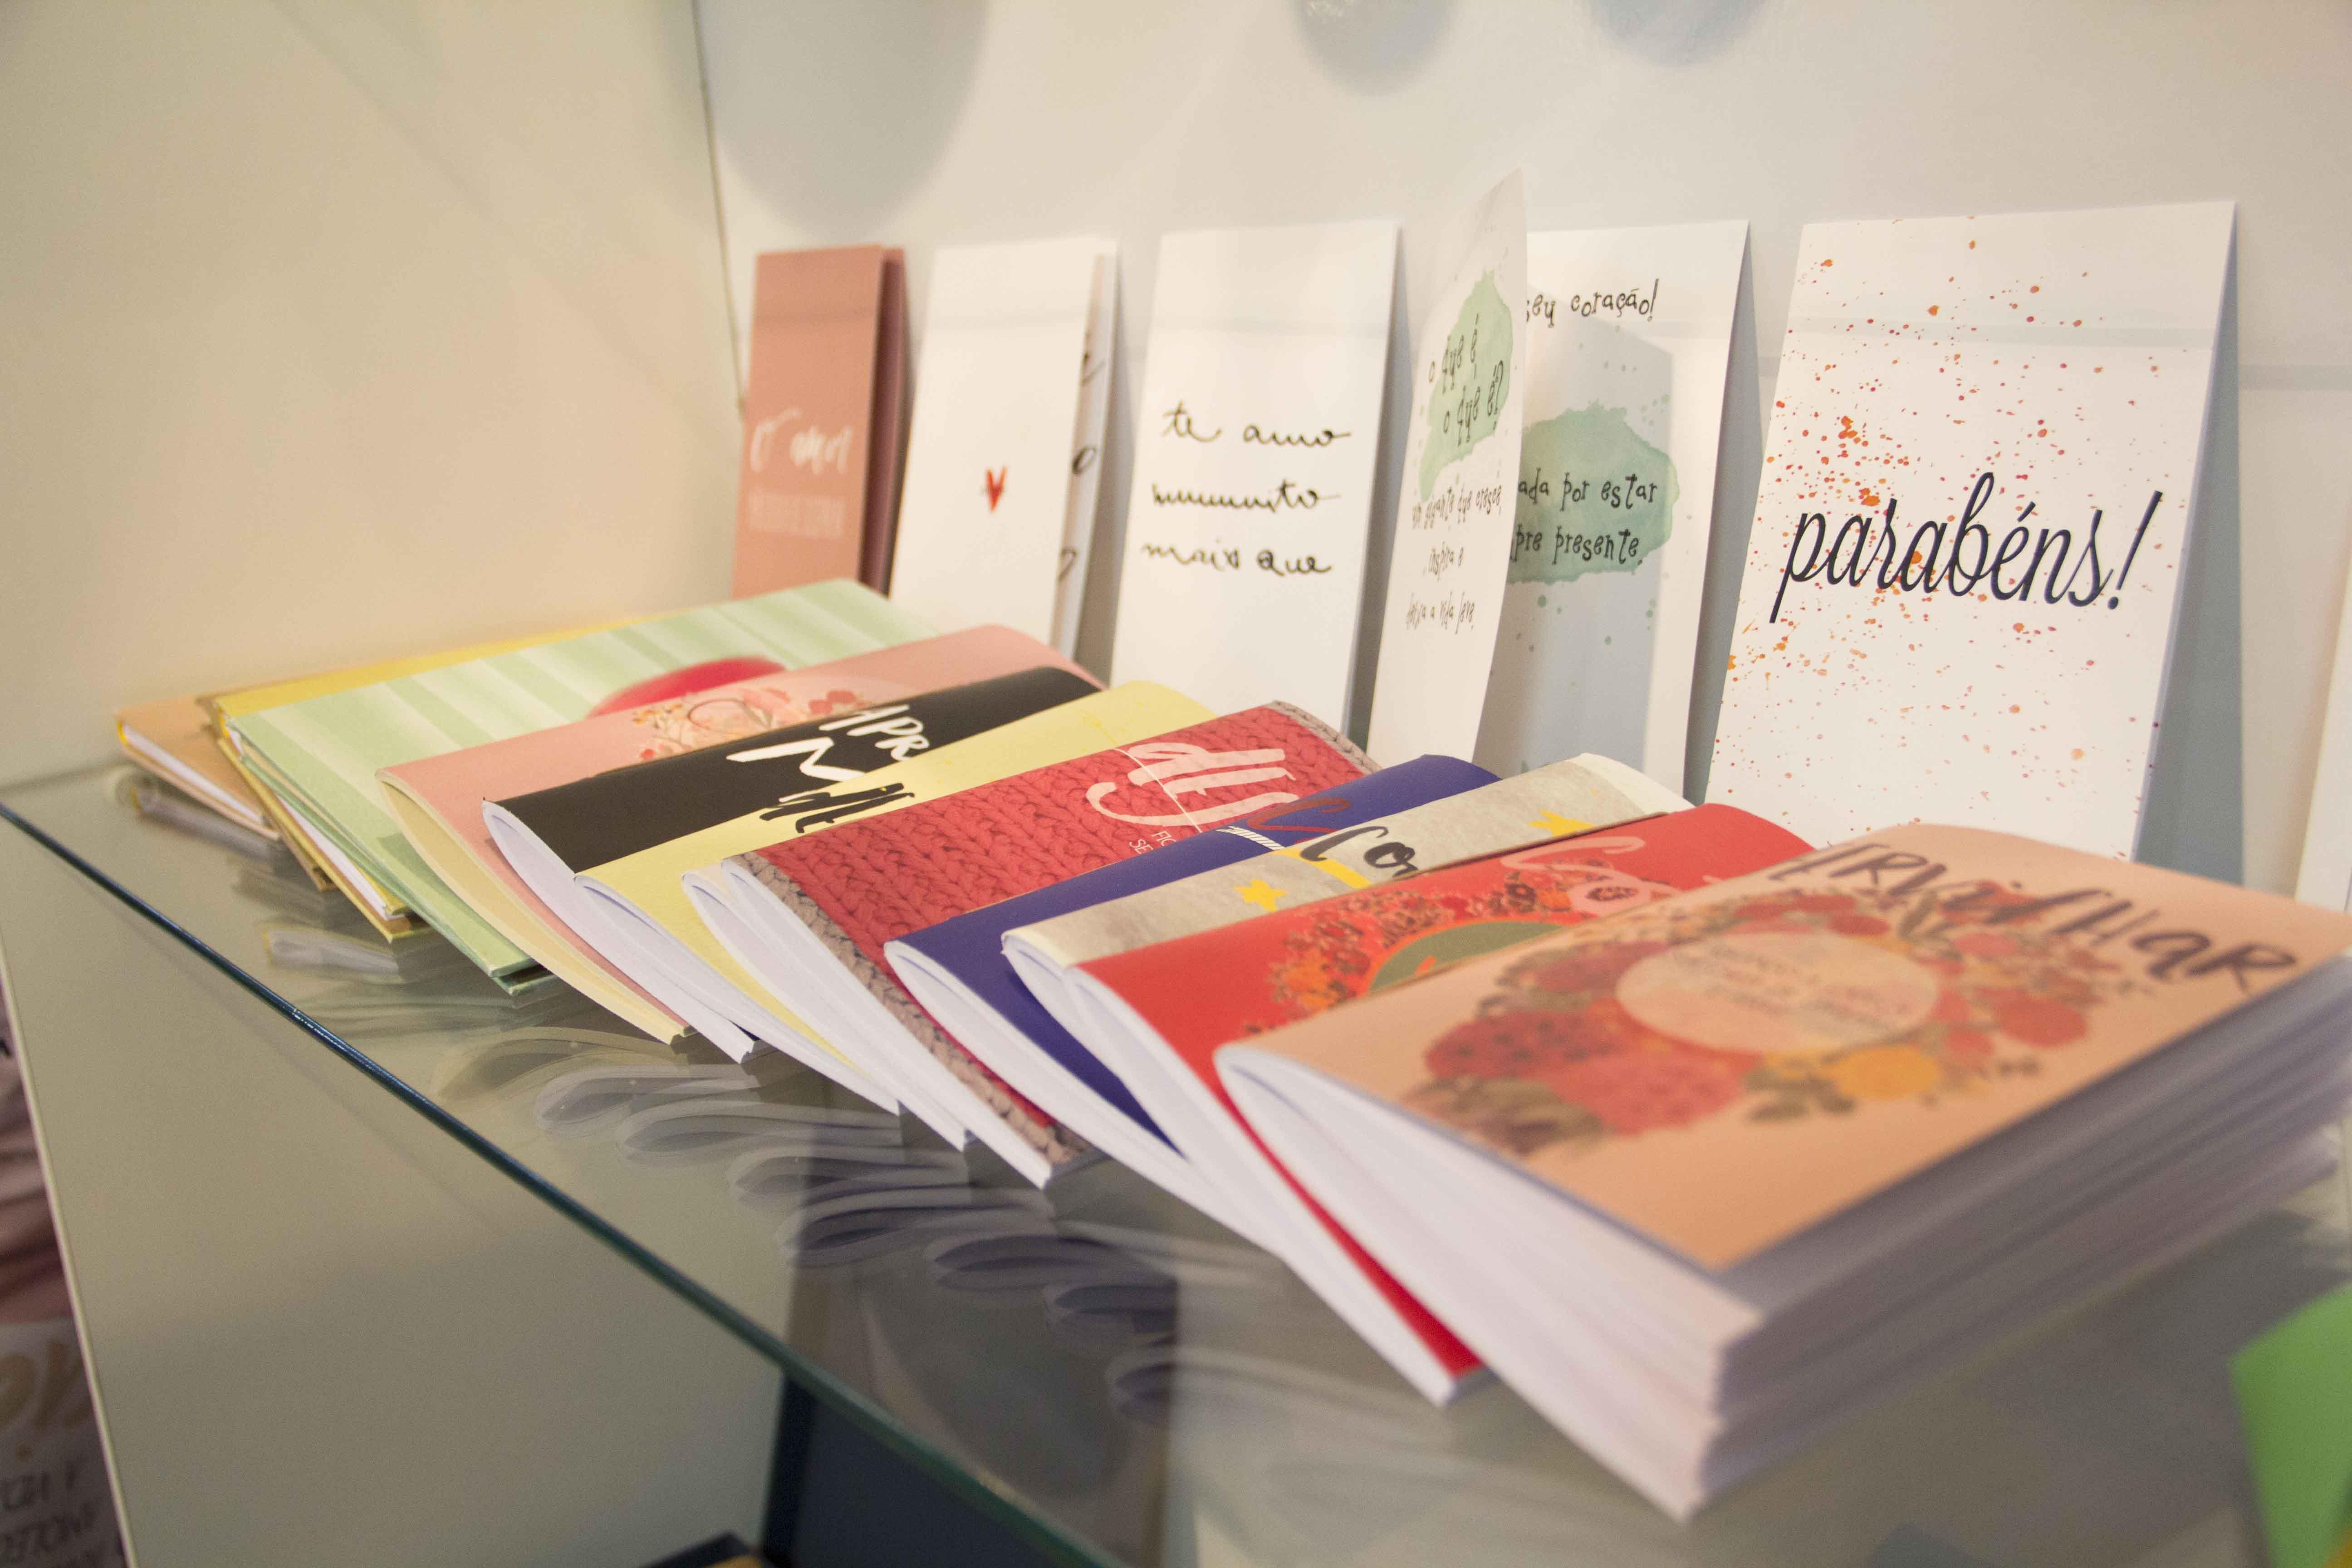 Detalhe dos cadernos artesanais de Silvia. Na capa, as palavras ganham novos significados